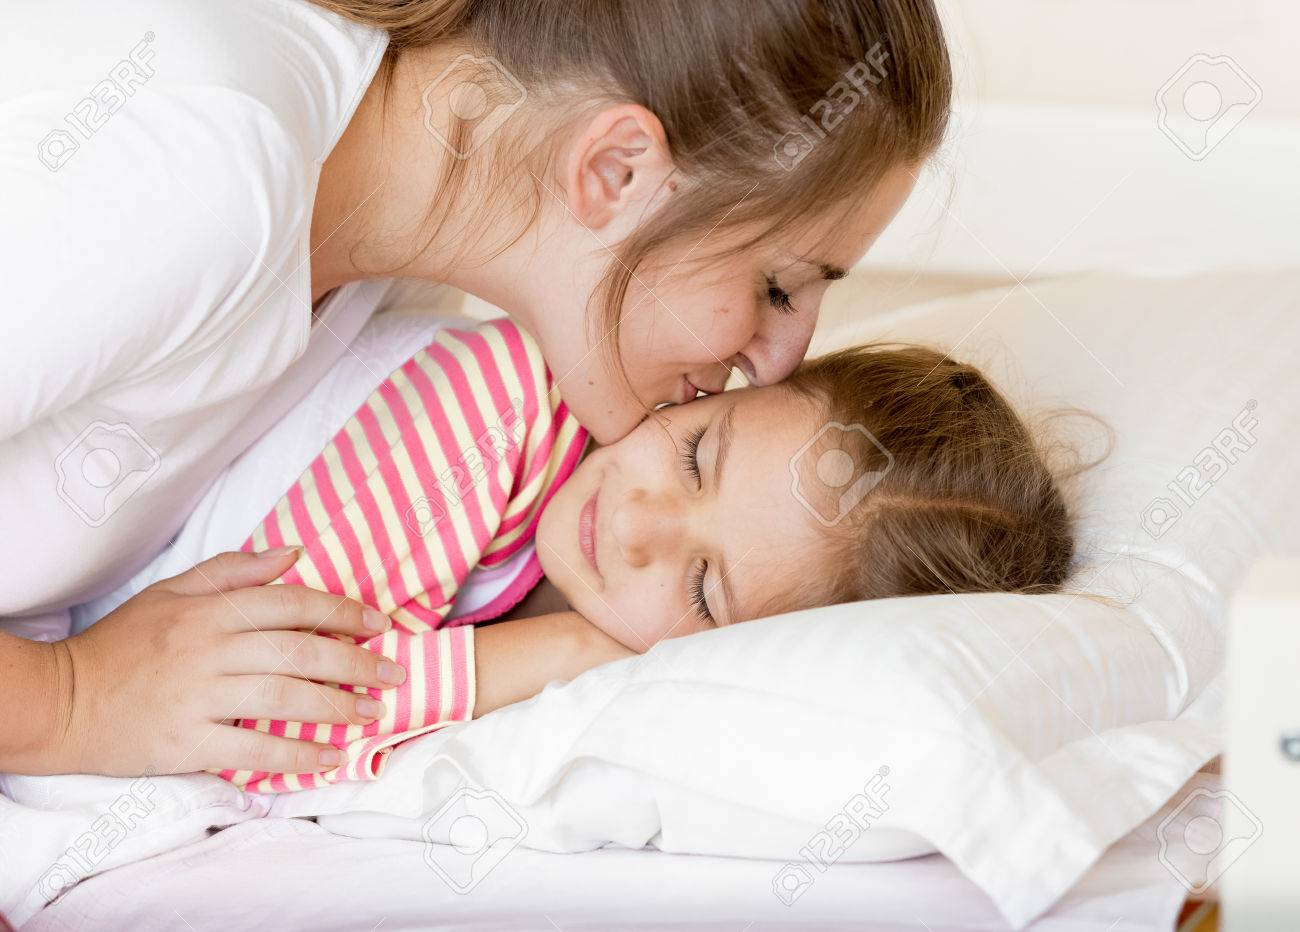 Трахнул красивую сестру пока она спала, У брата и сестры одна комната на двоих - видео ролик 9 фотография